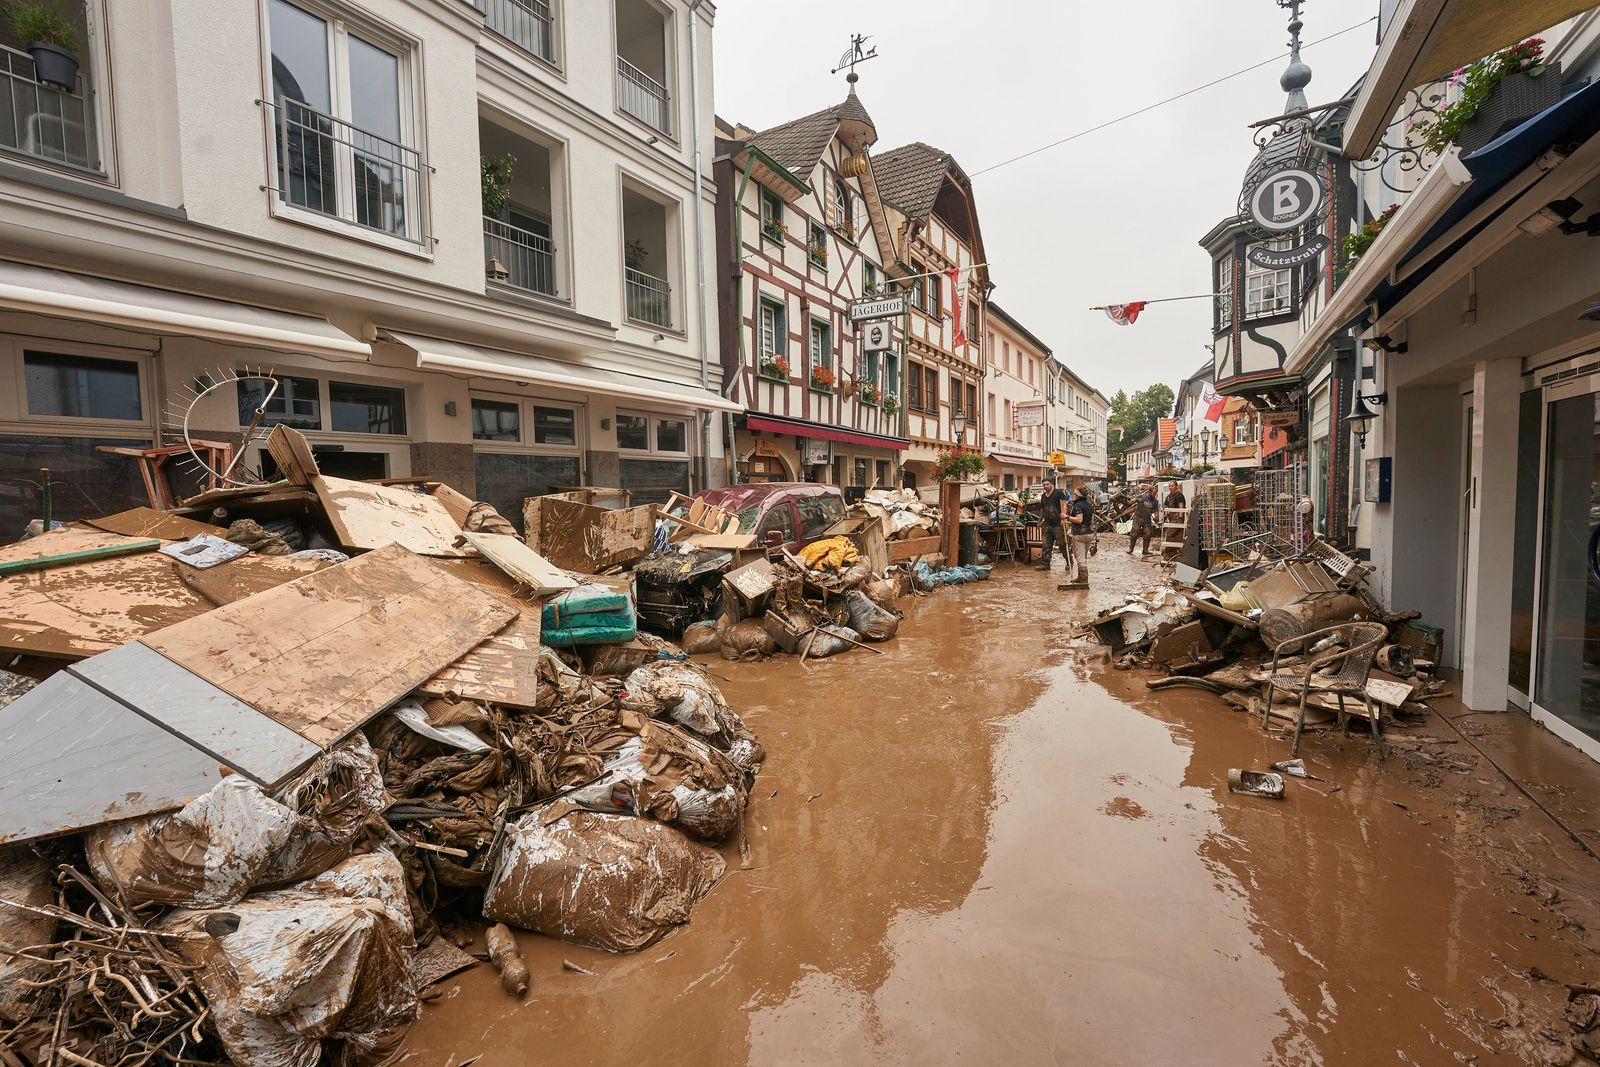 Hochwasserkatastrophe - Ahrweiler